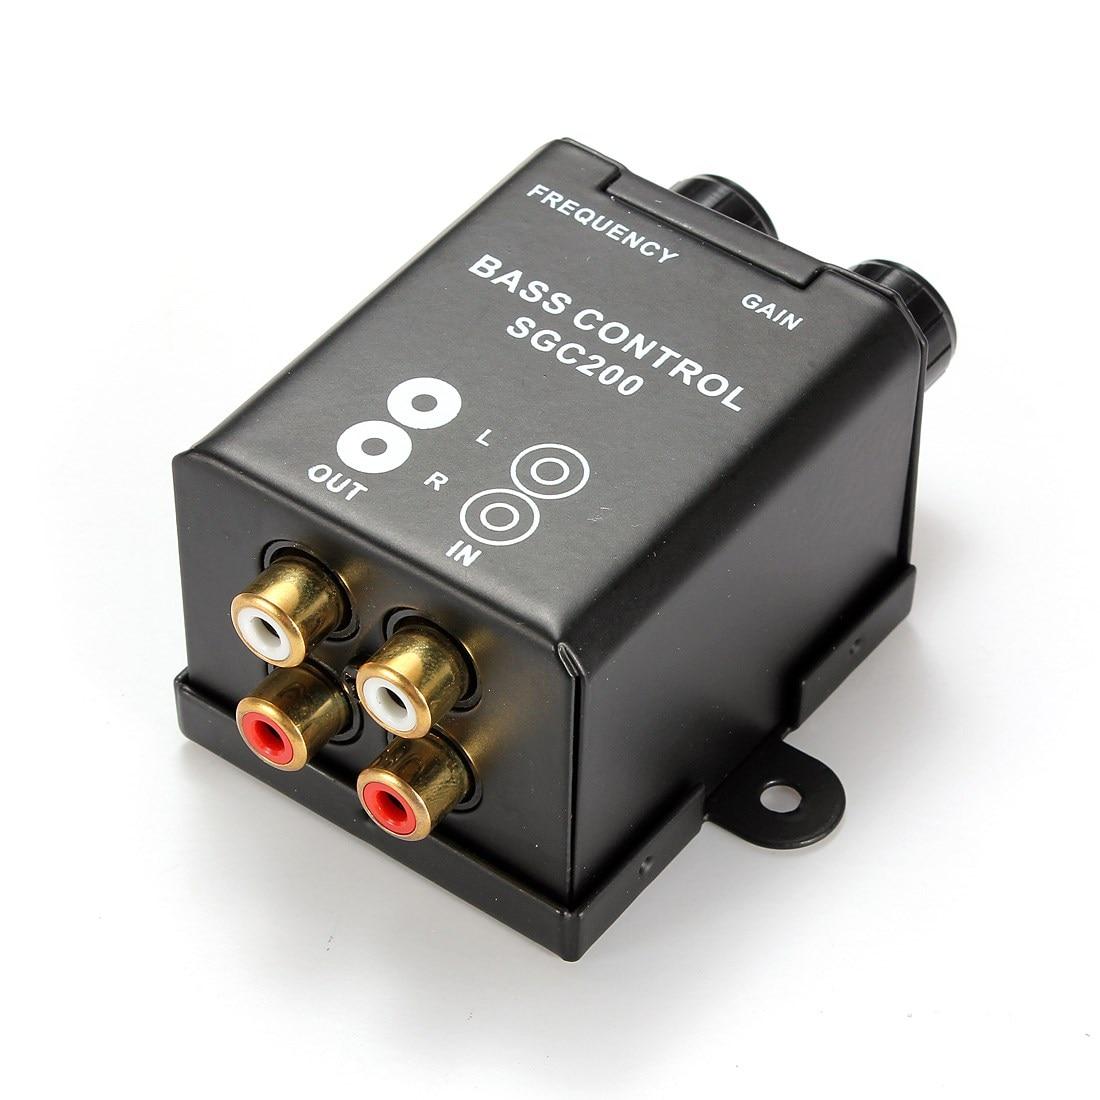 новый автомобиль главная усилитель бас контроллер для вход RCA уровень усиления регулятор громкости усилитель